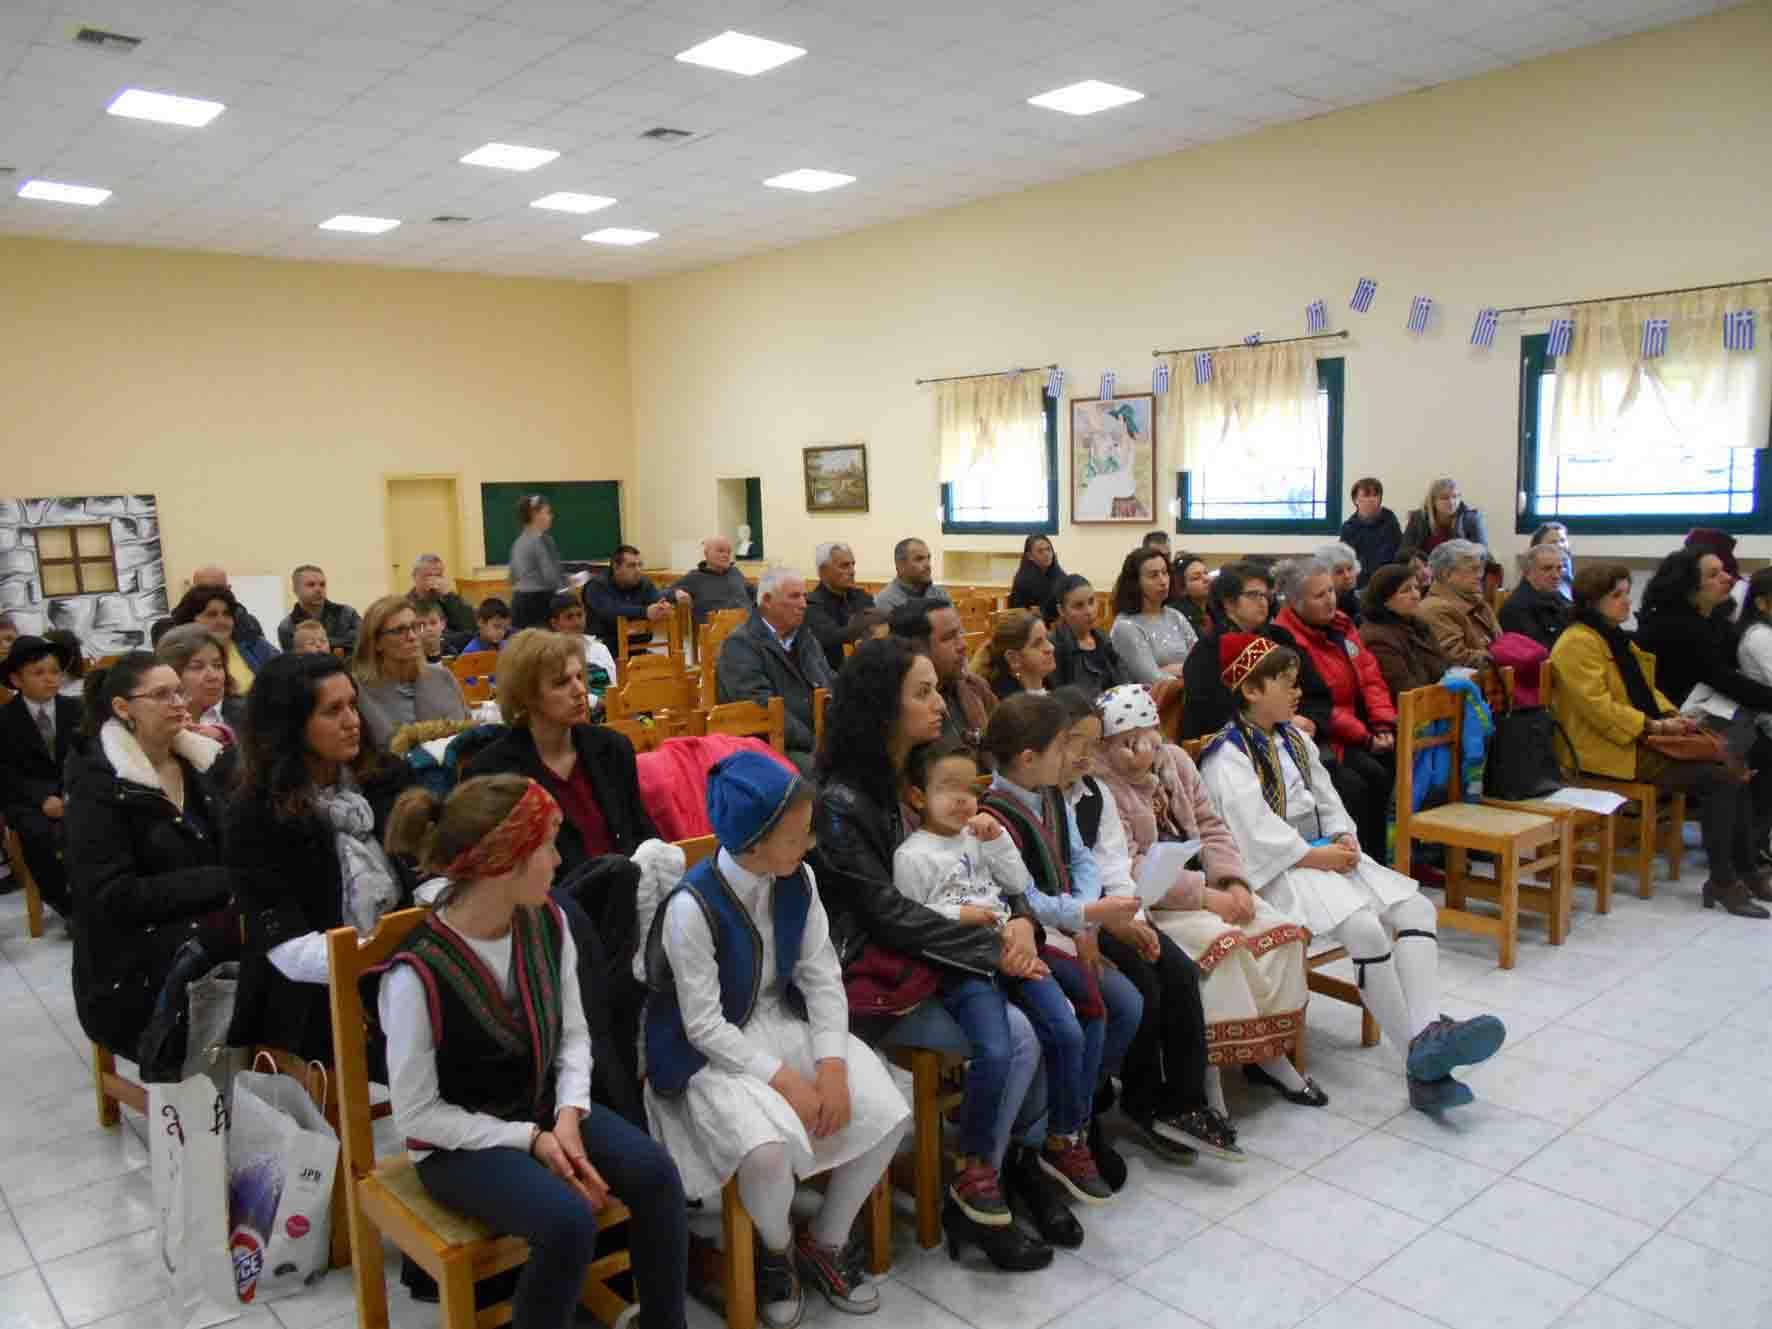 Γιορτή Δημοτικού Σχολείου Νεστορίου